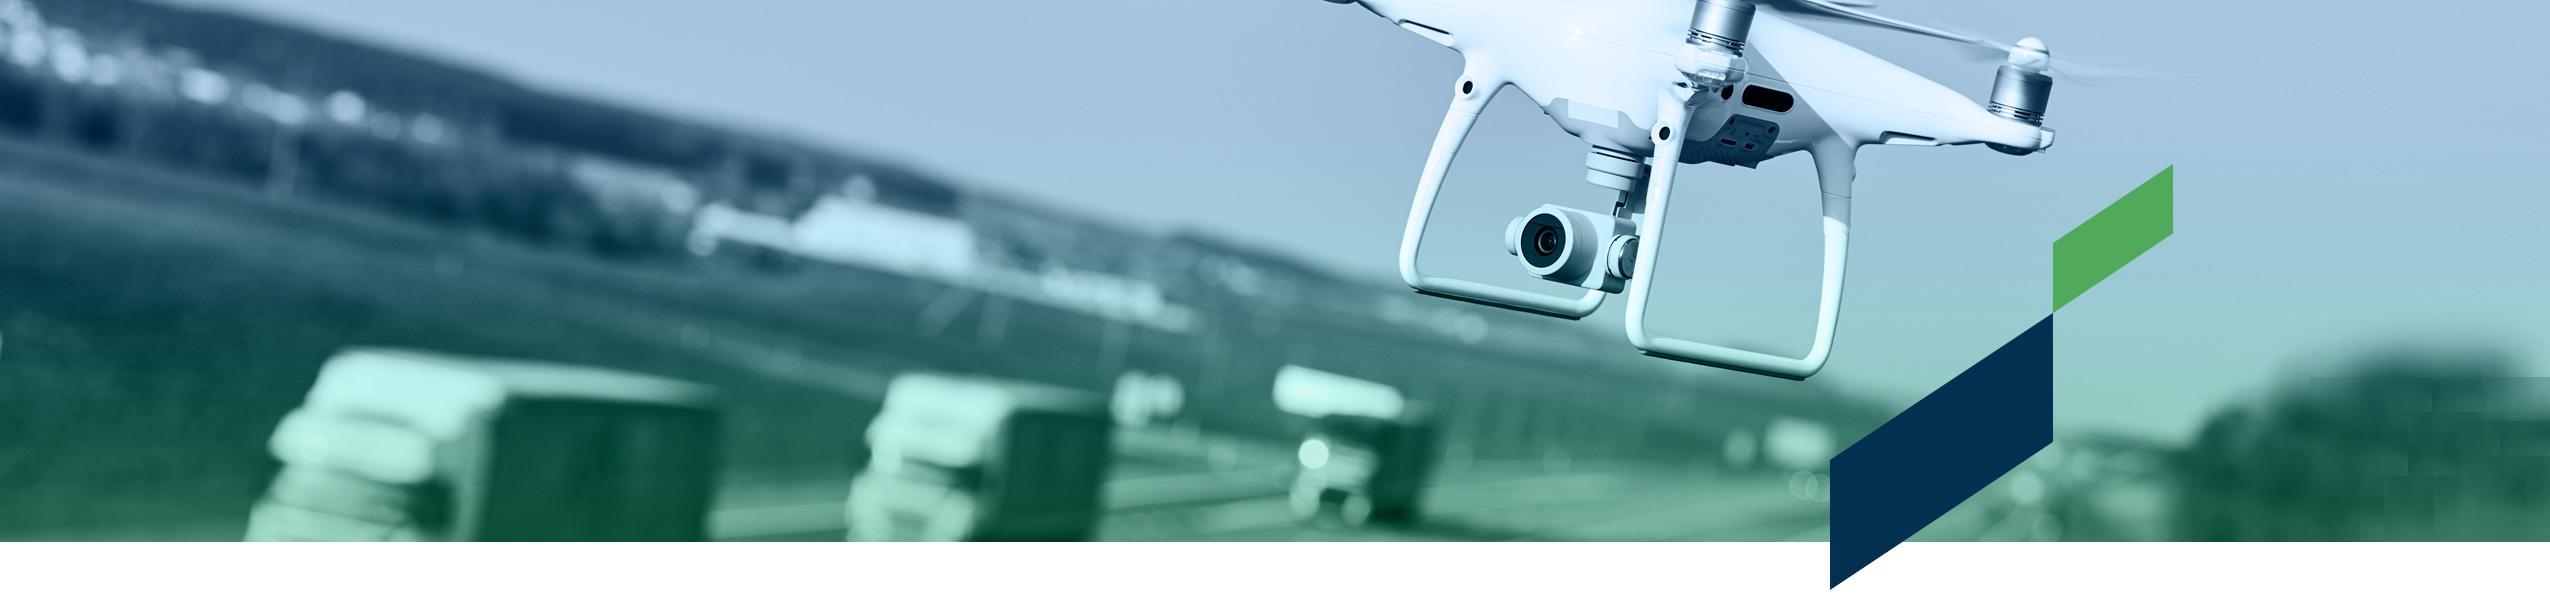 Servizi per i droni dedicati alla tua azienda